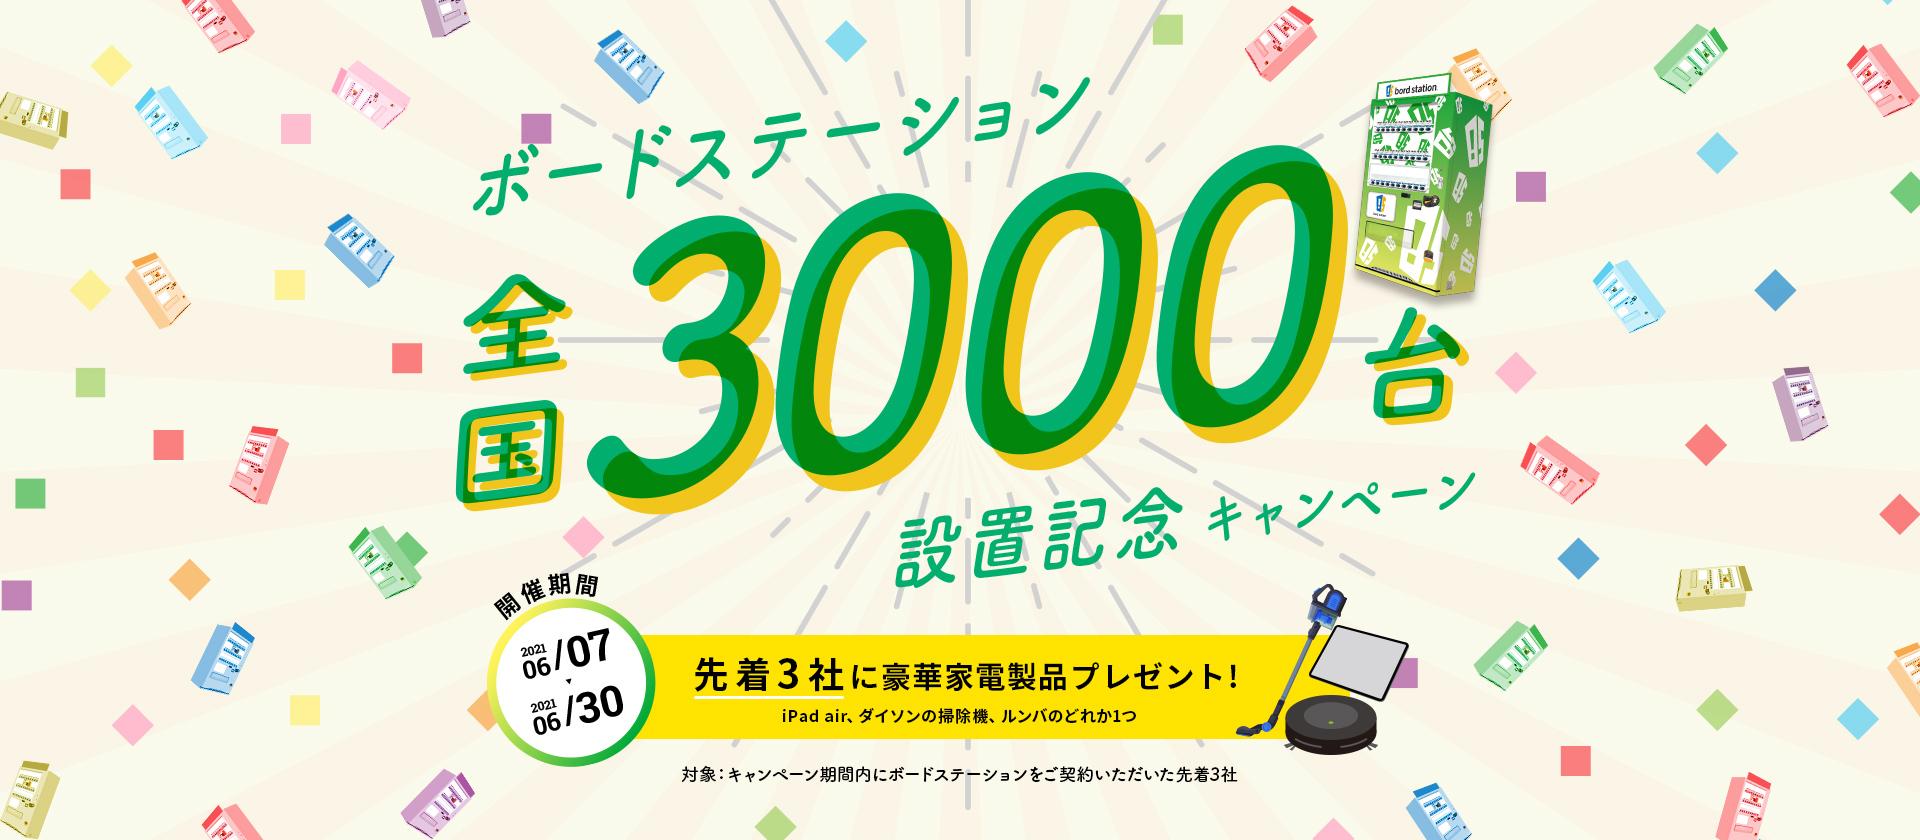 累計設置台数3,000台突破記念キャンペーン